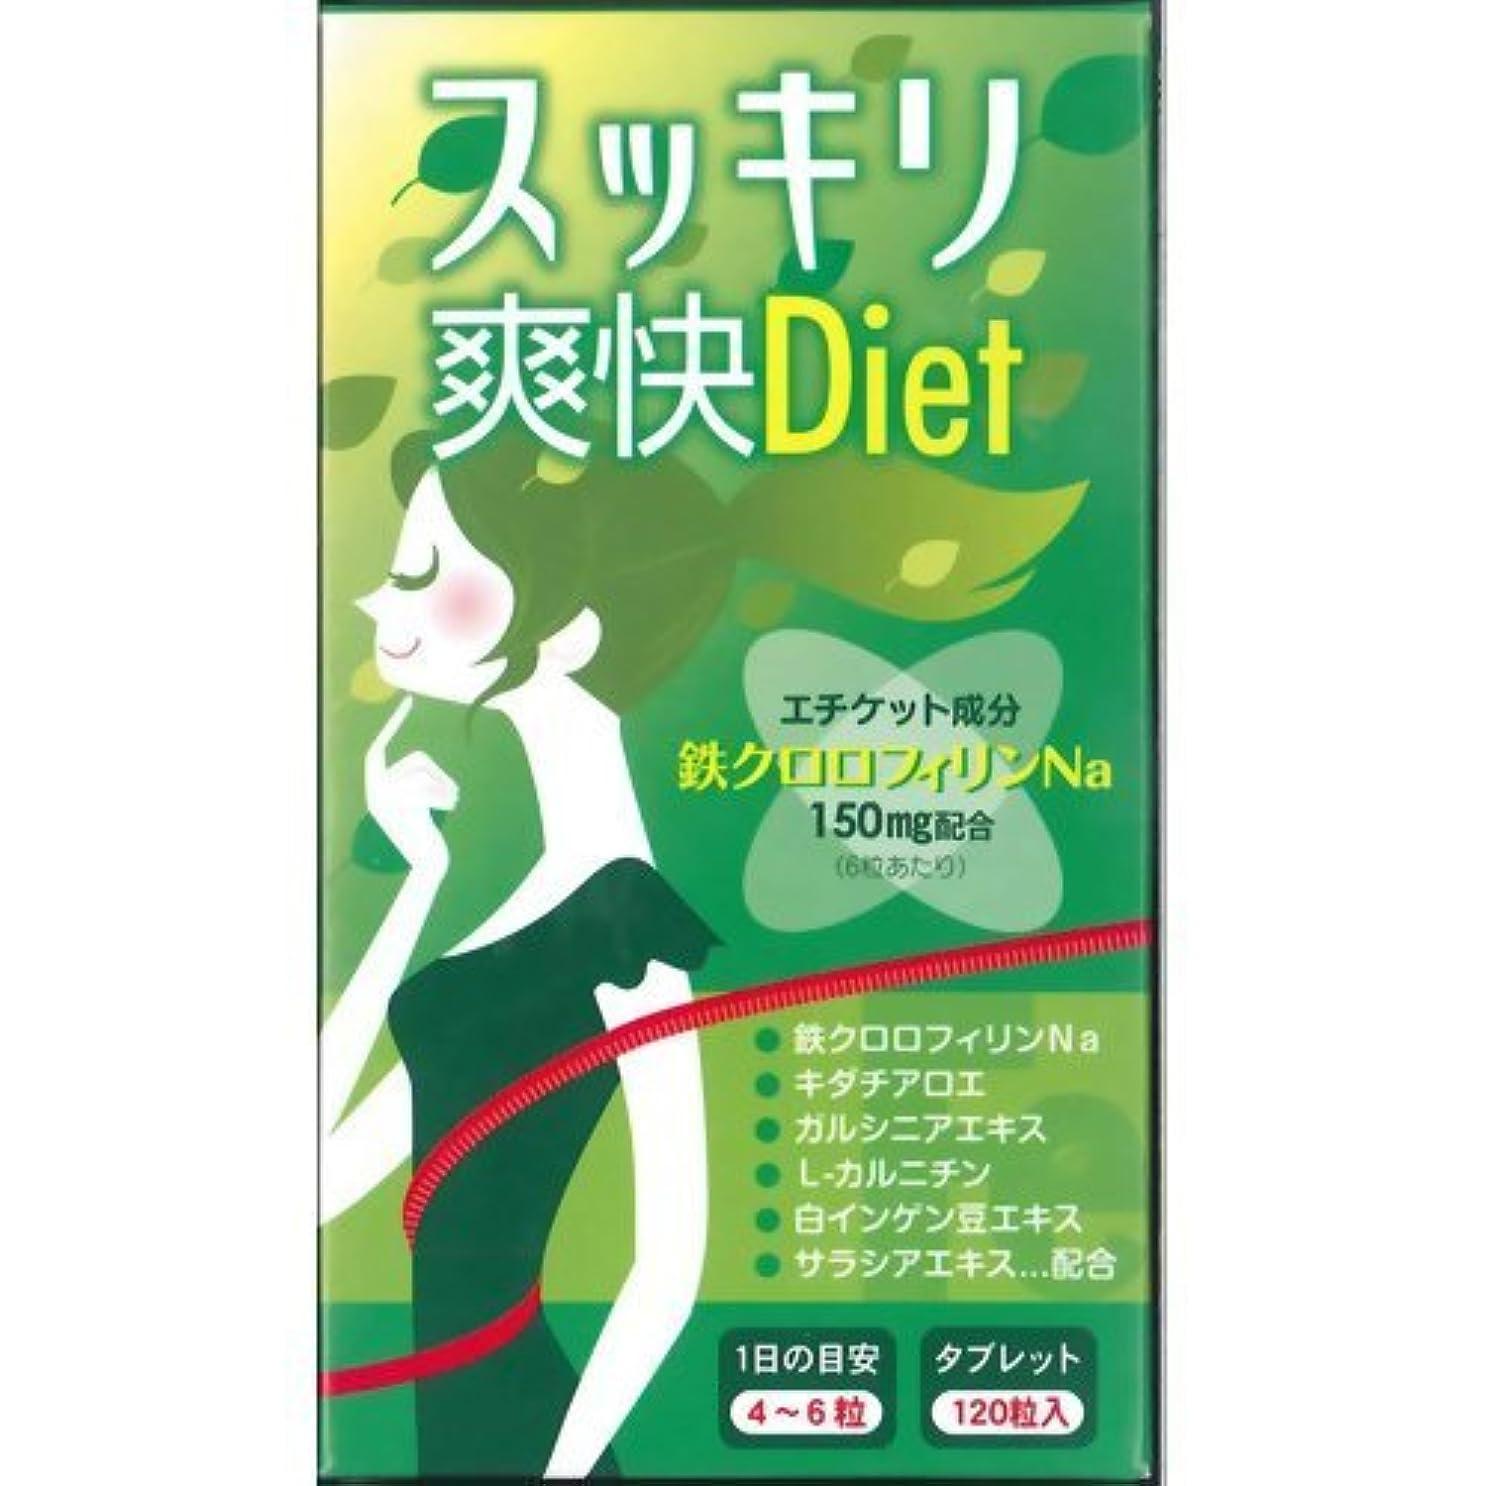 文法記念品後継スッキリ爽快Diet